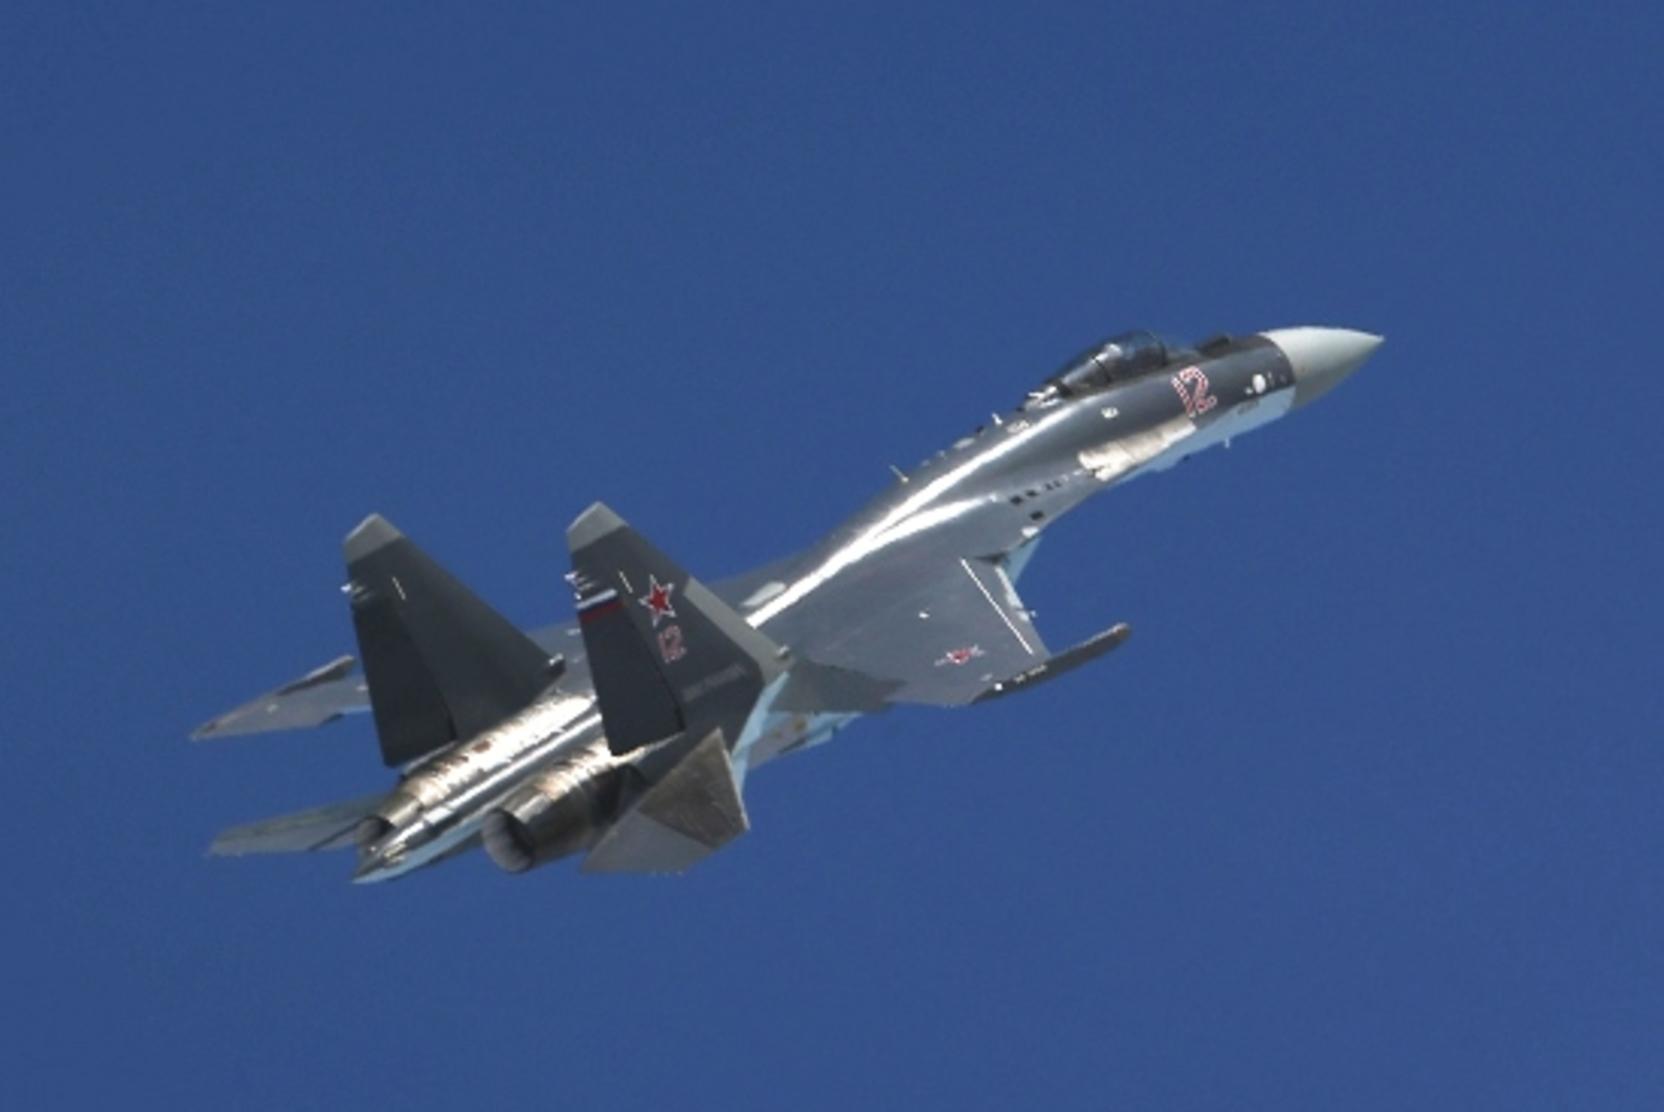 Defence Blog восхитился красотой российского Су-35